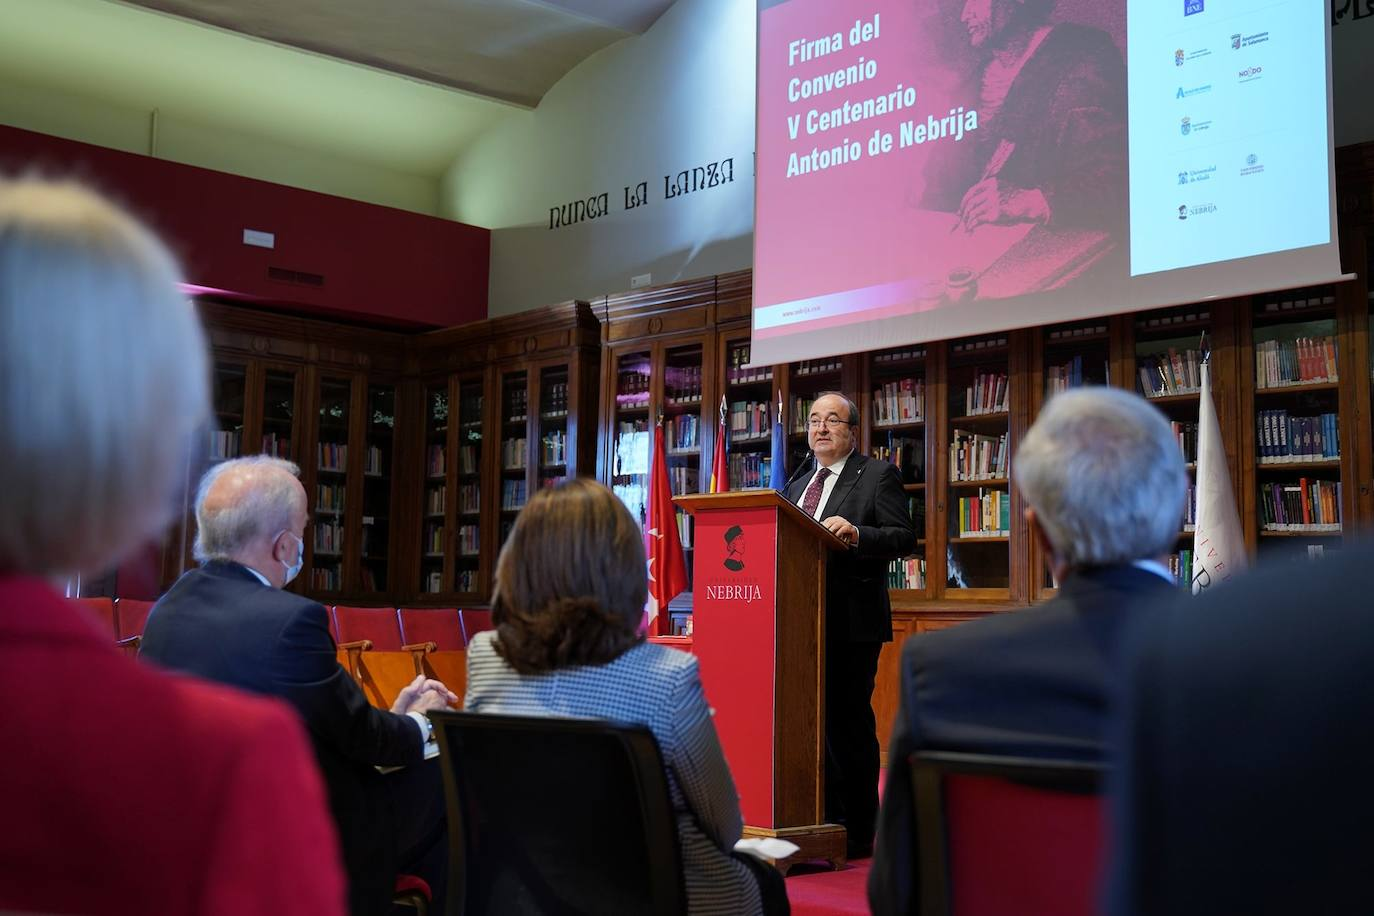 Quince instituciones culturales y políticas españolas, entre las que se encuentra el Ayuntamiento de Zalamea, se unen para celebrar el V Centenario de Antonio de Nebrija en 2022